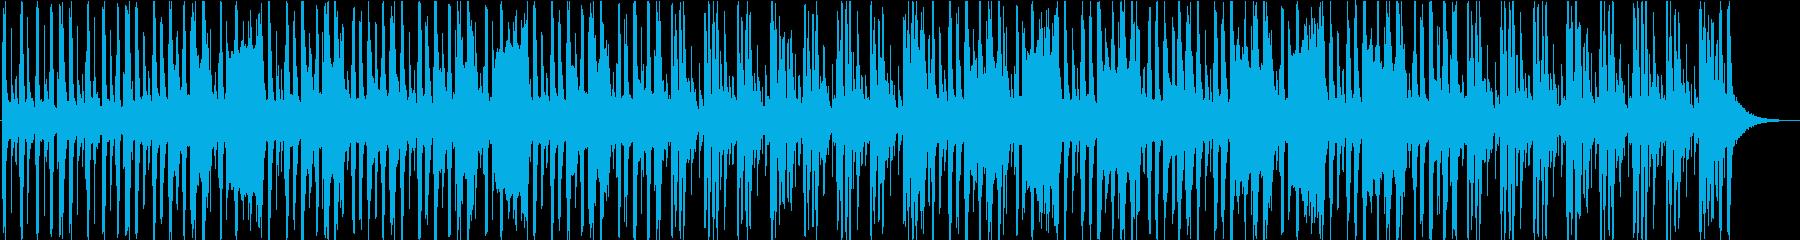 ちょっと不穏などっしりBGMの再生済みの波形